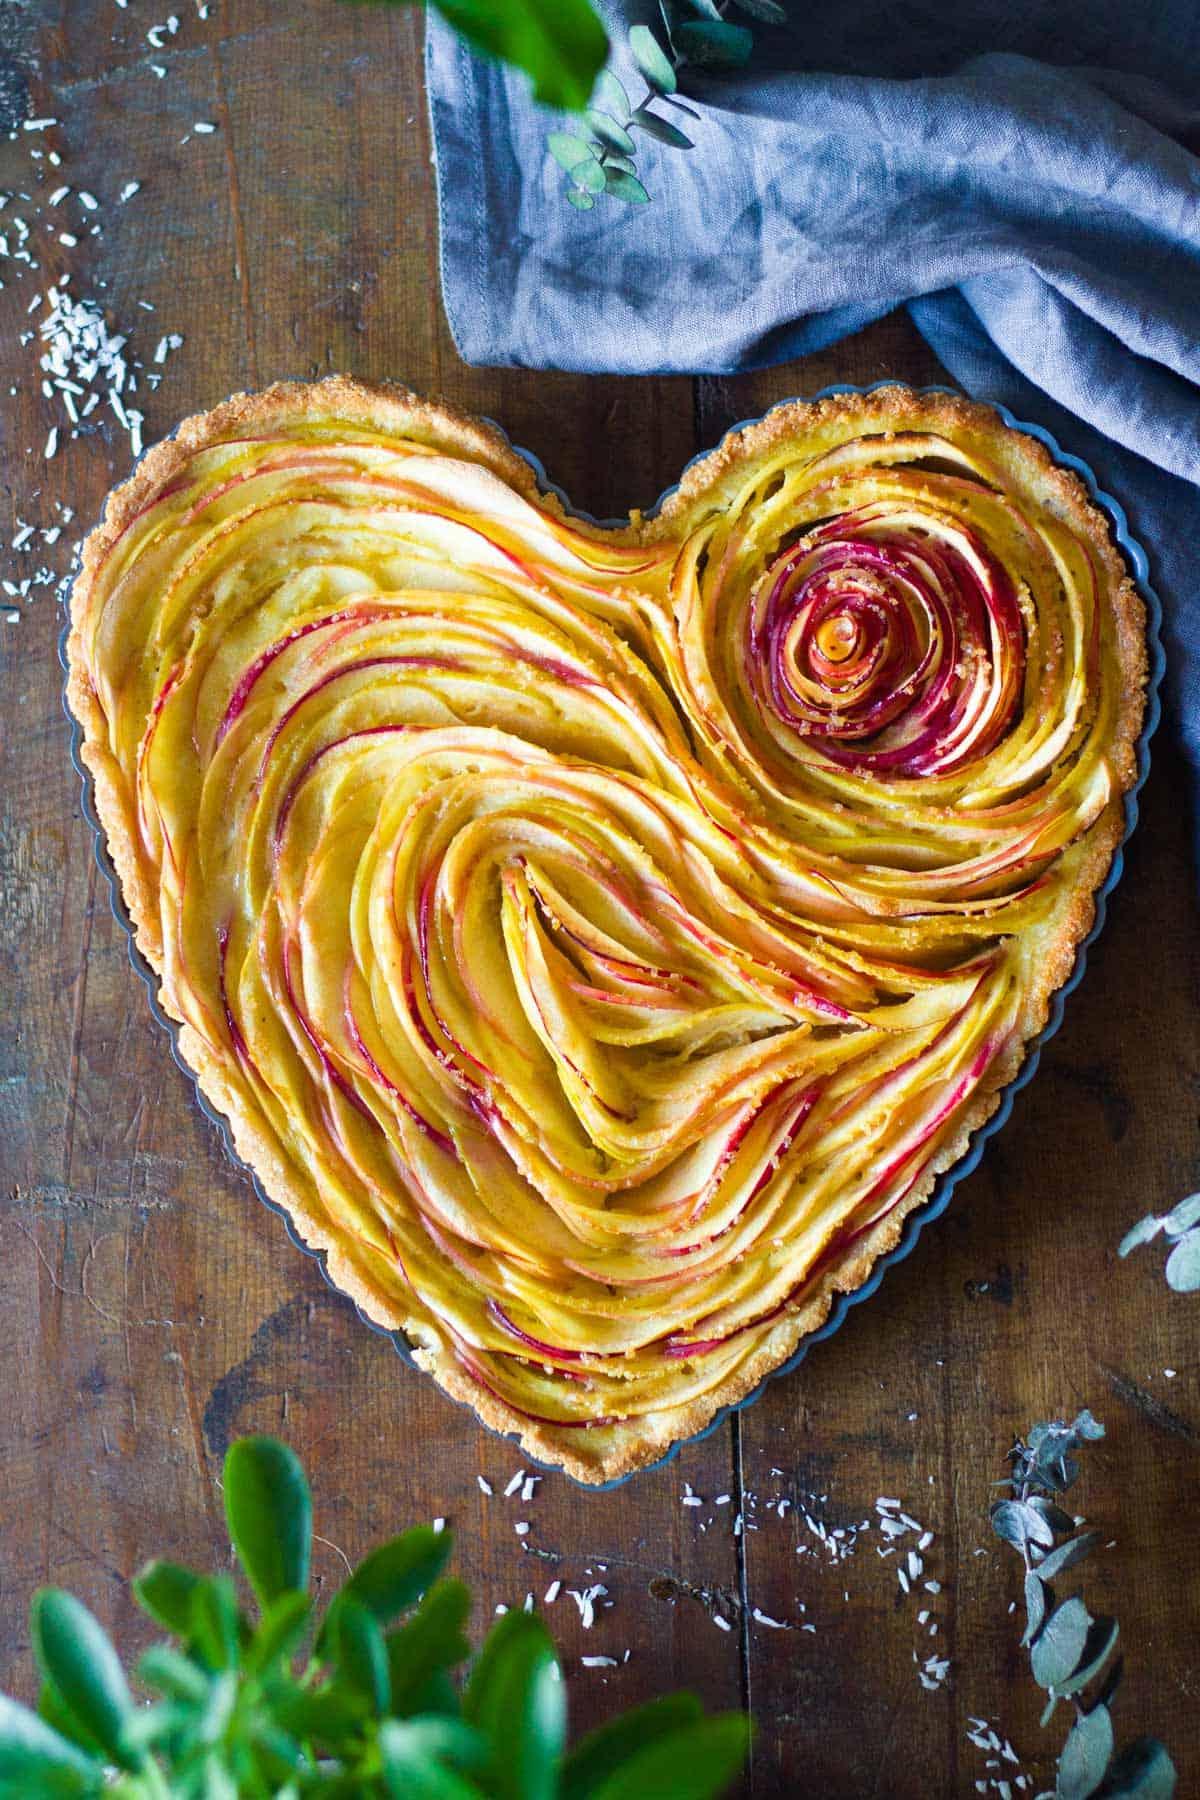 Baked apple tart in heart-shaped tart pan.